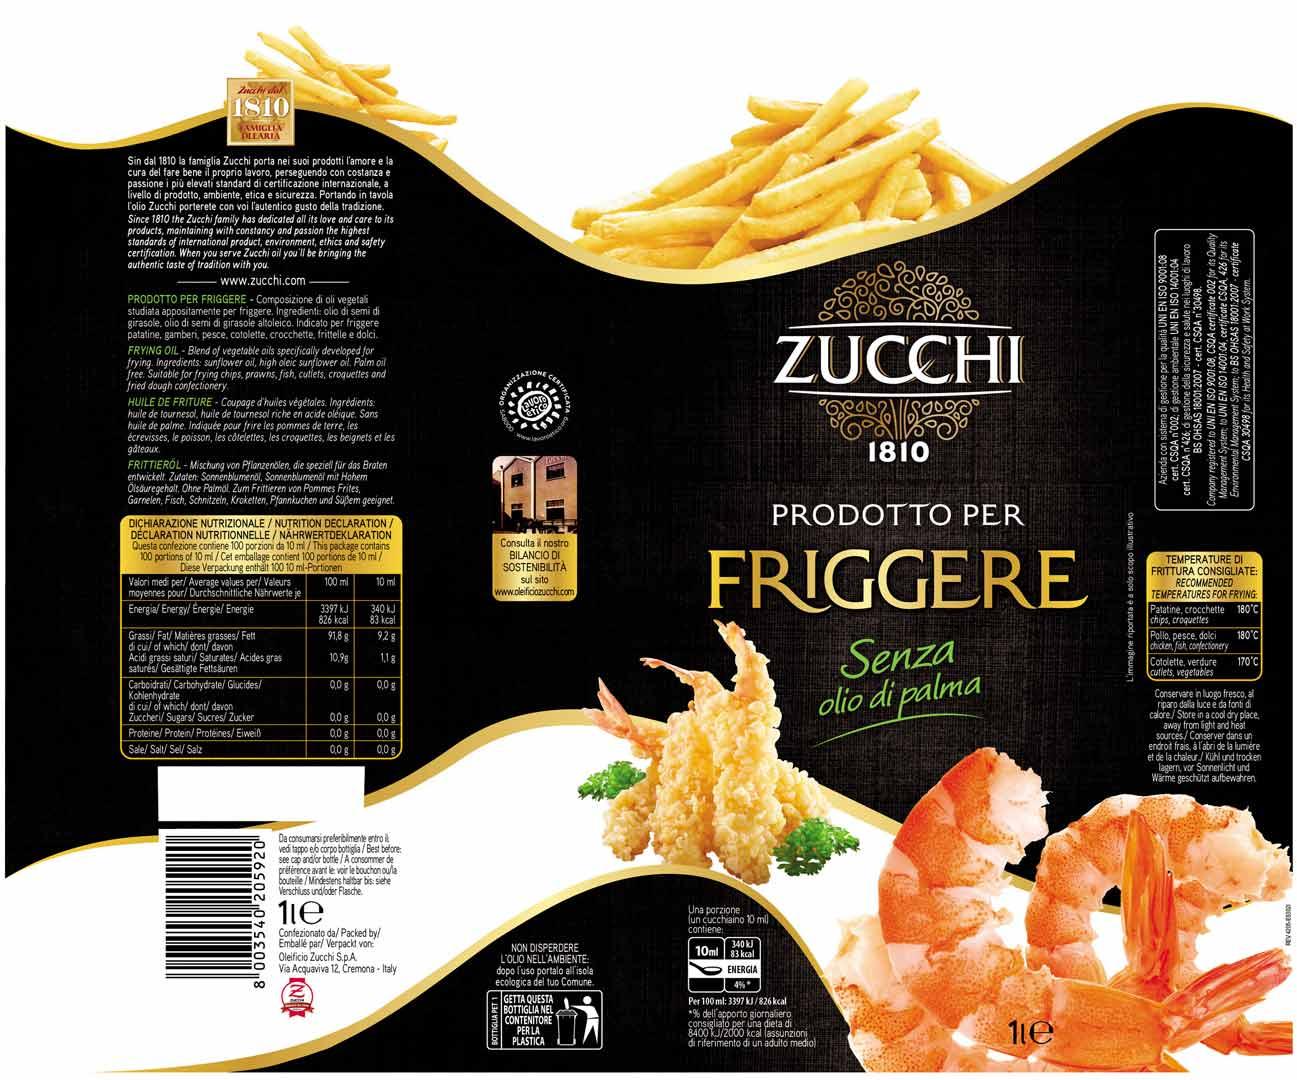 Zucchi Friggere 1L sleeve EU